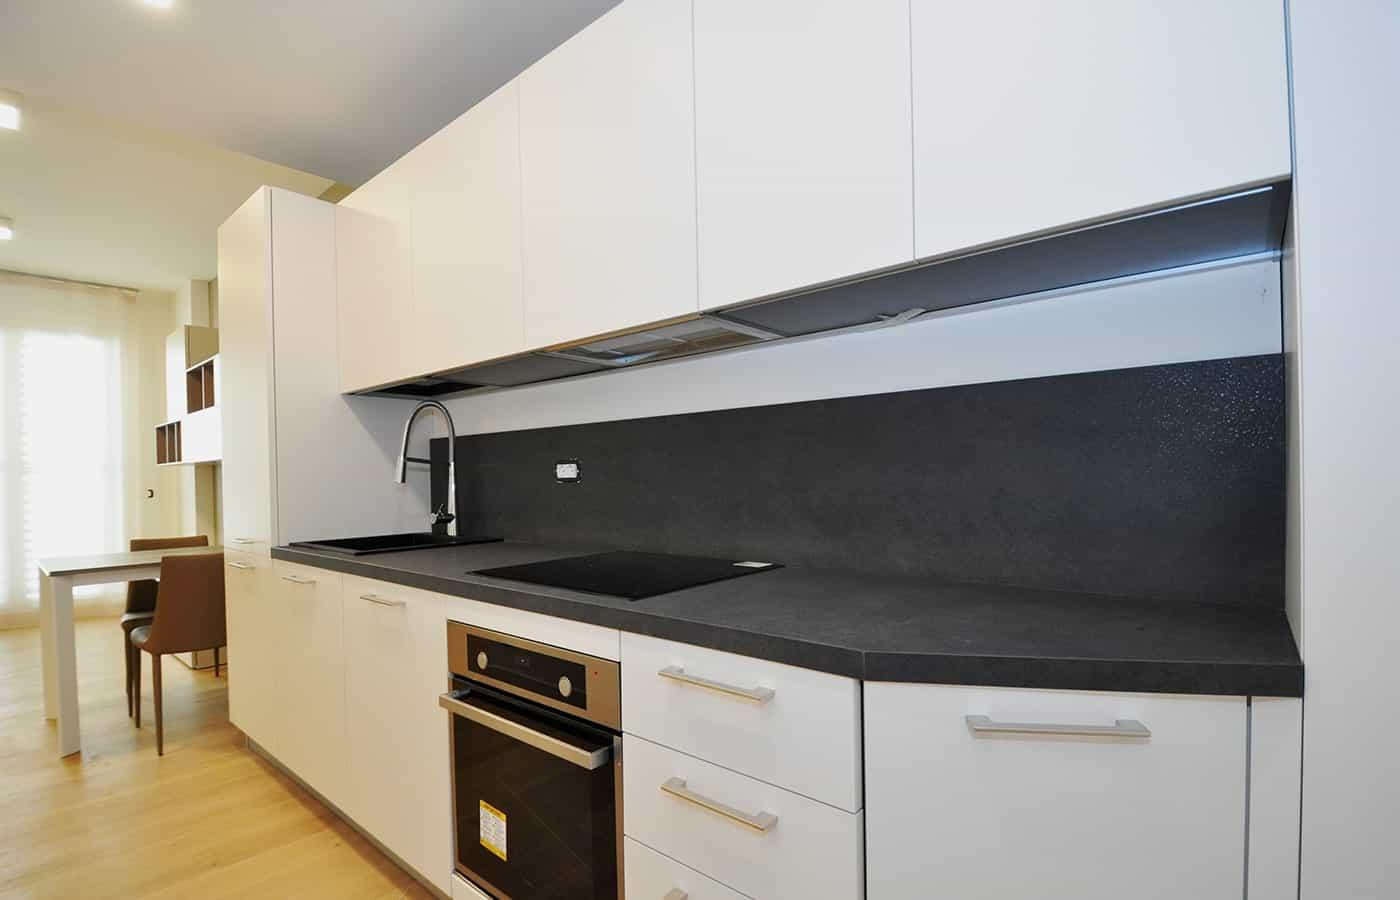 Cucina - Progetto Via della Moscova Milano - Il Mobile